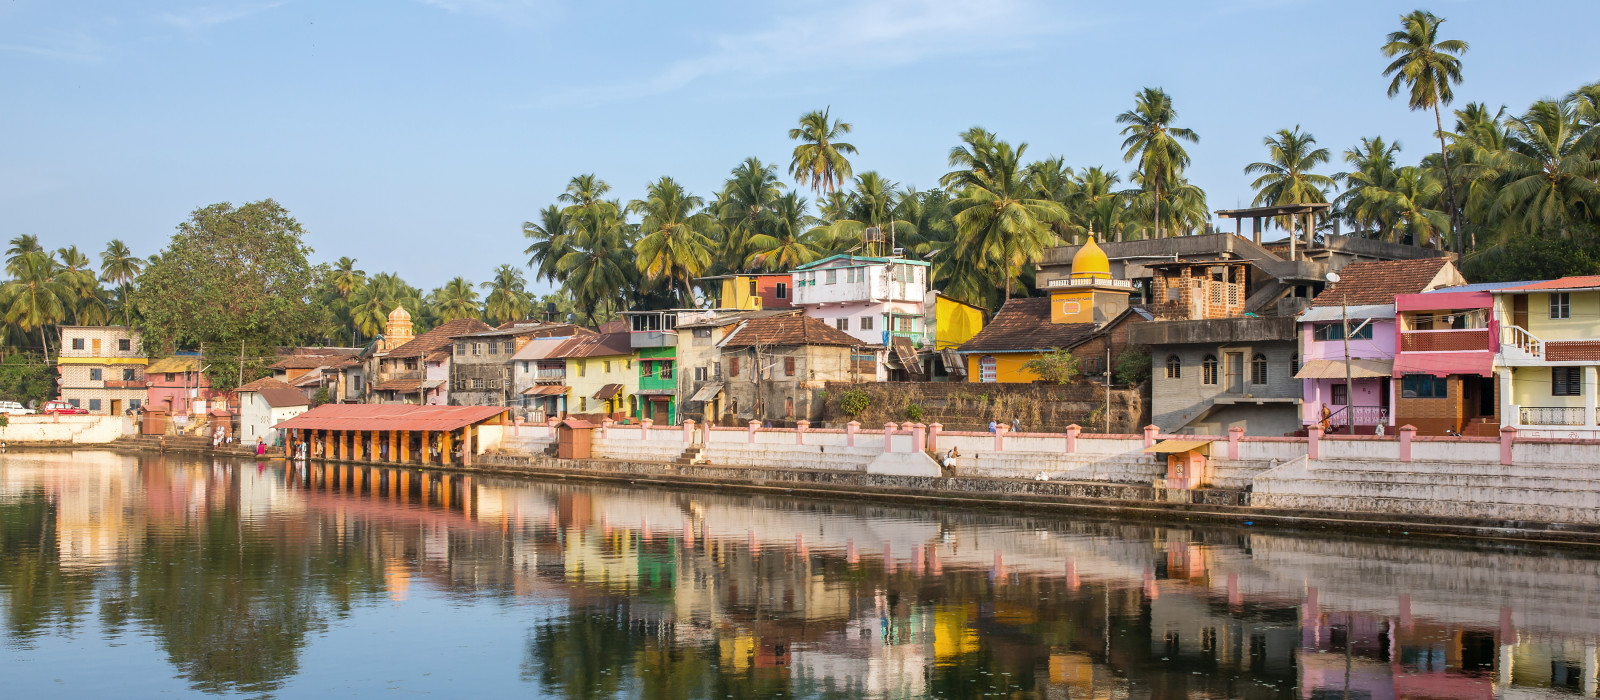 Bunte indische Häuser am Ufer des heiligen Sees Koti Teertha in Gokarna, Indien.